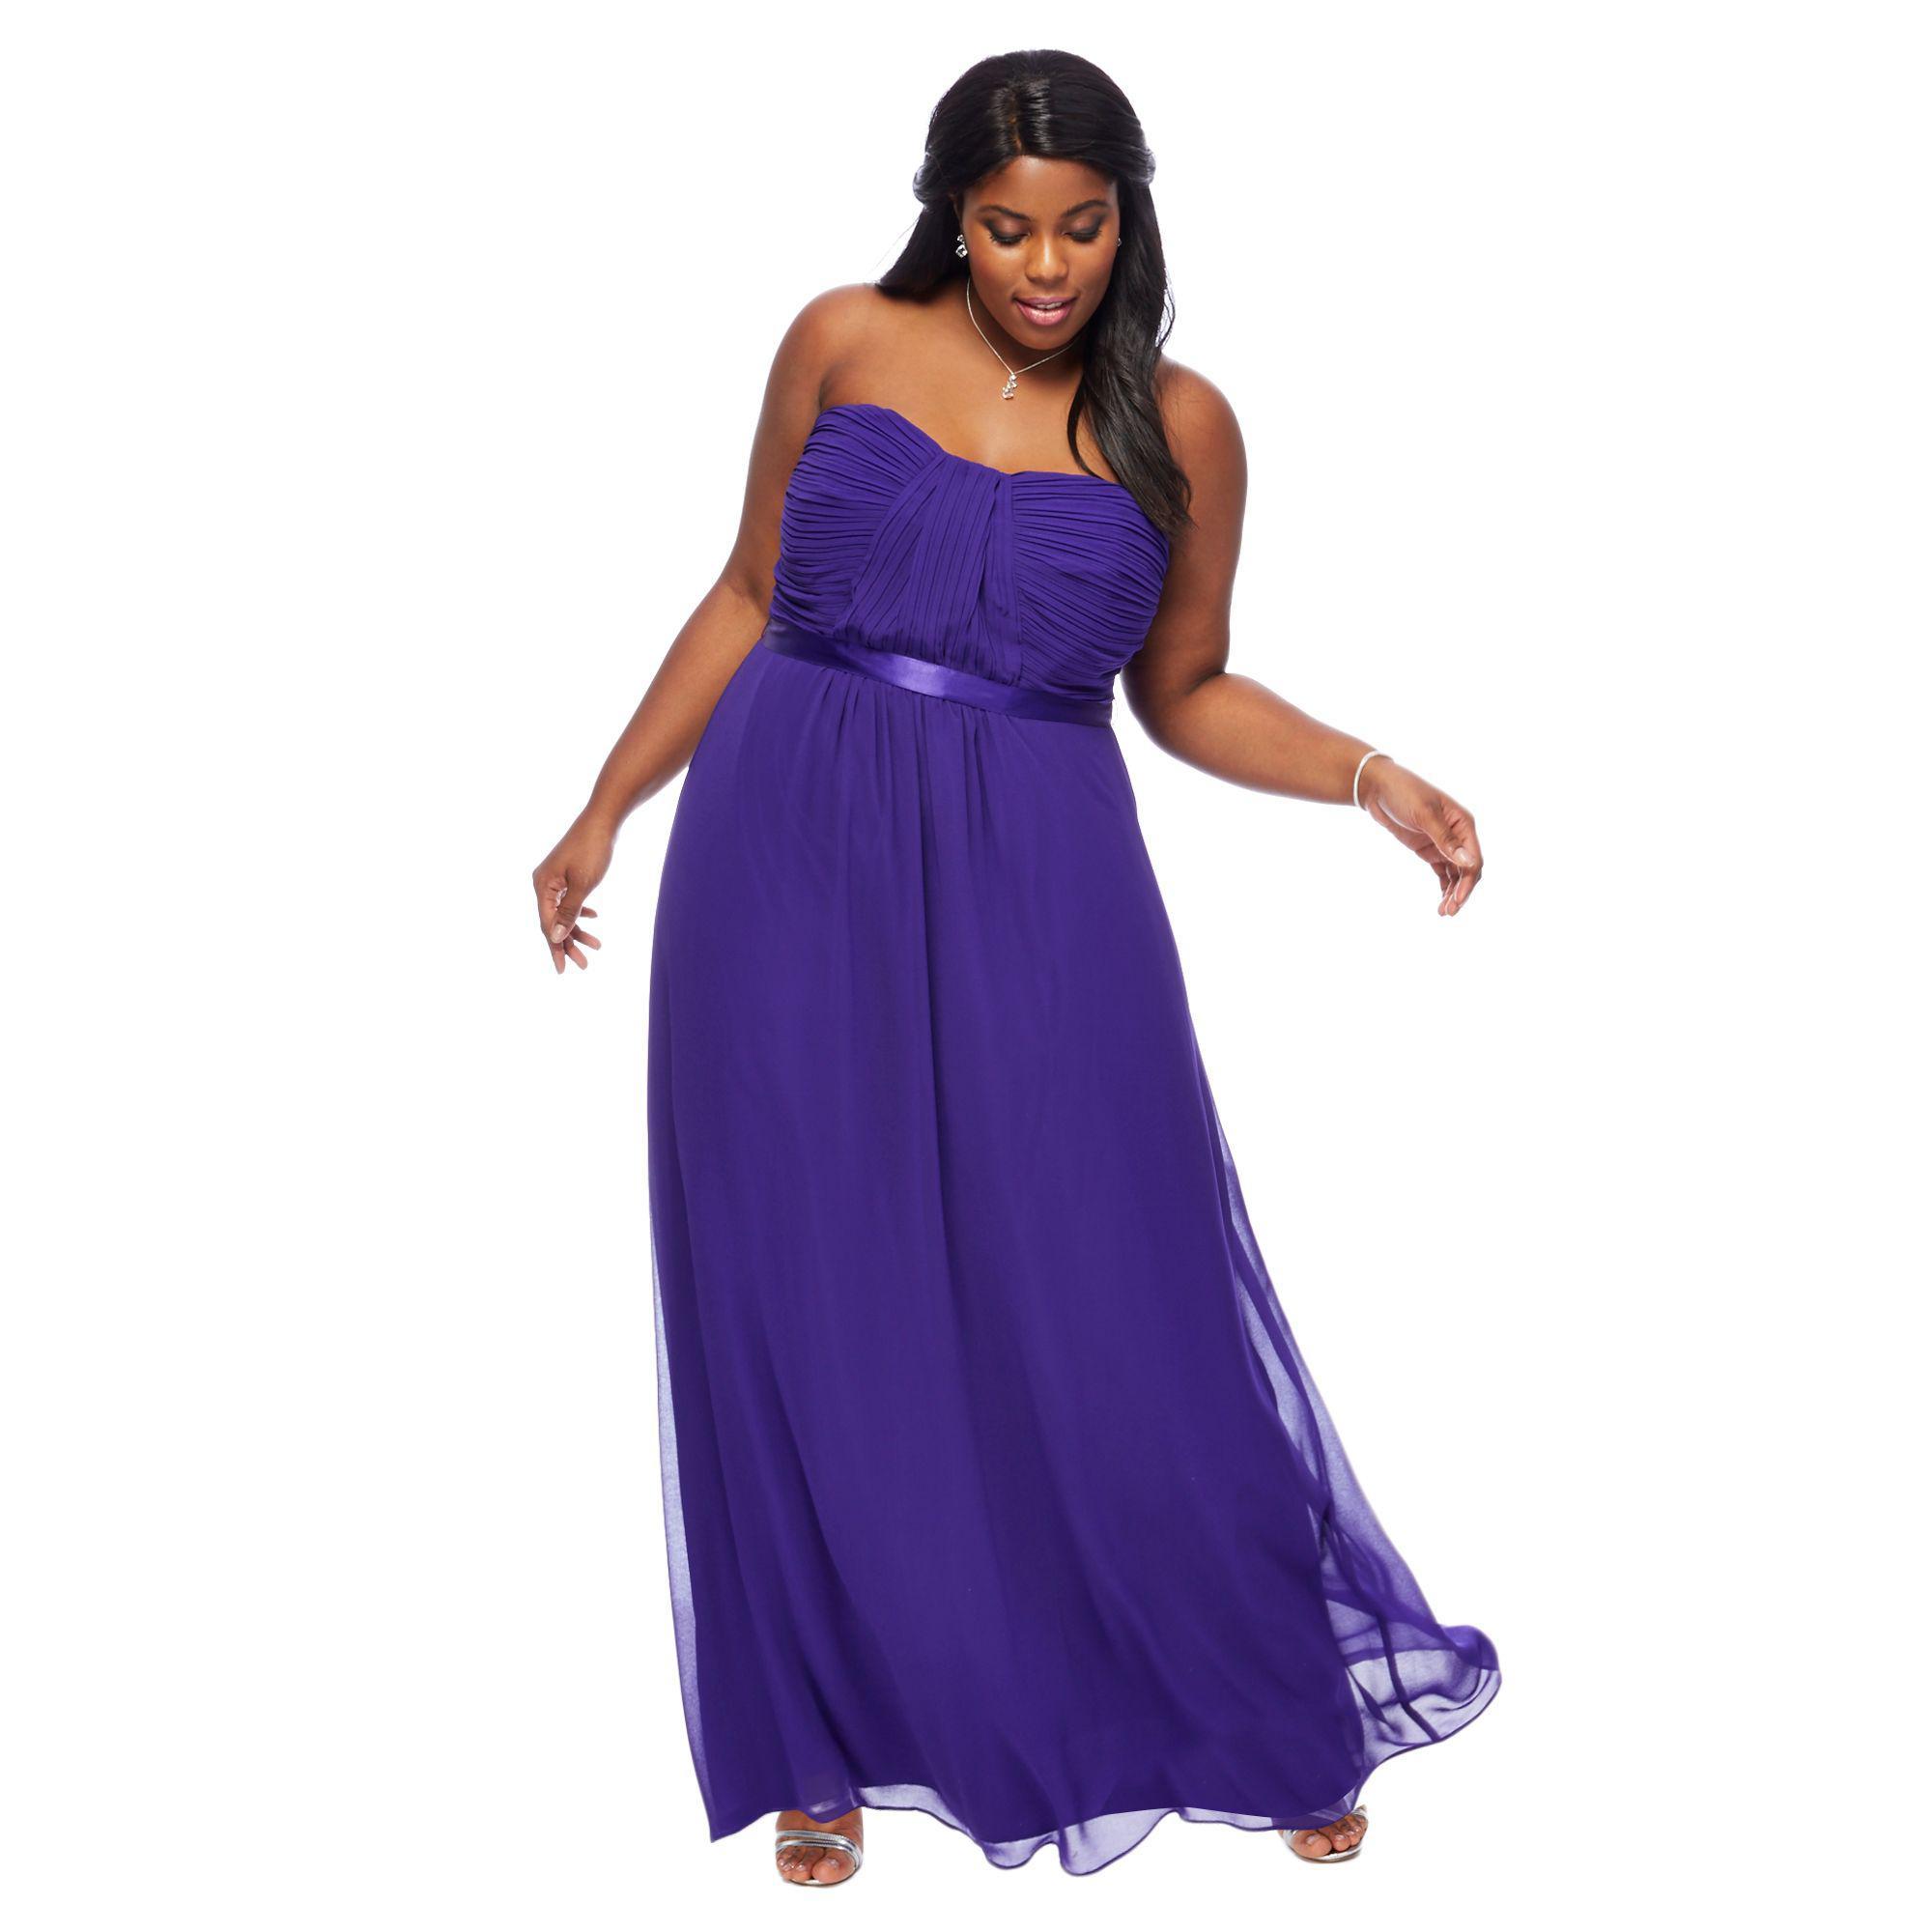 Début Purple \'sophia\' Bandeau Plus Size Bridesmaid Dress in Purple ...